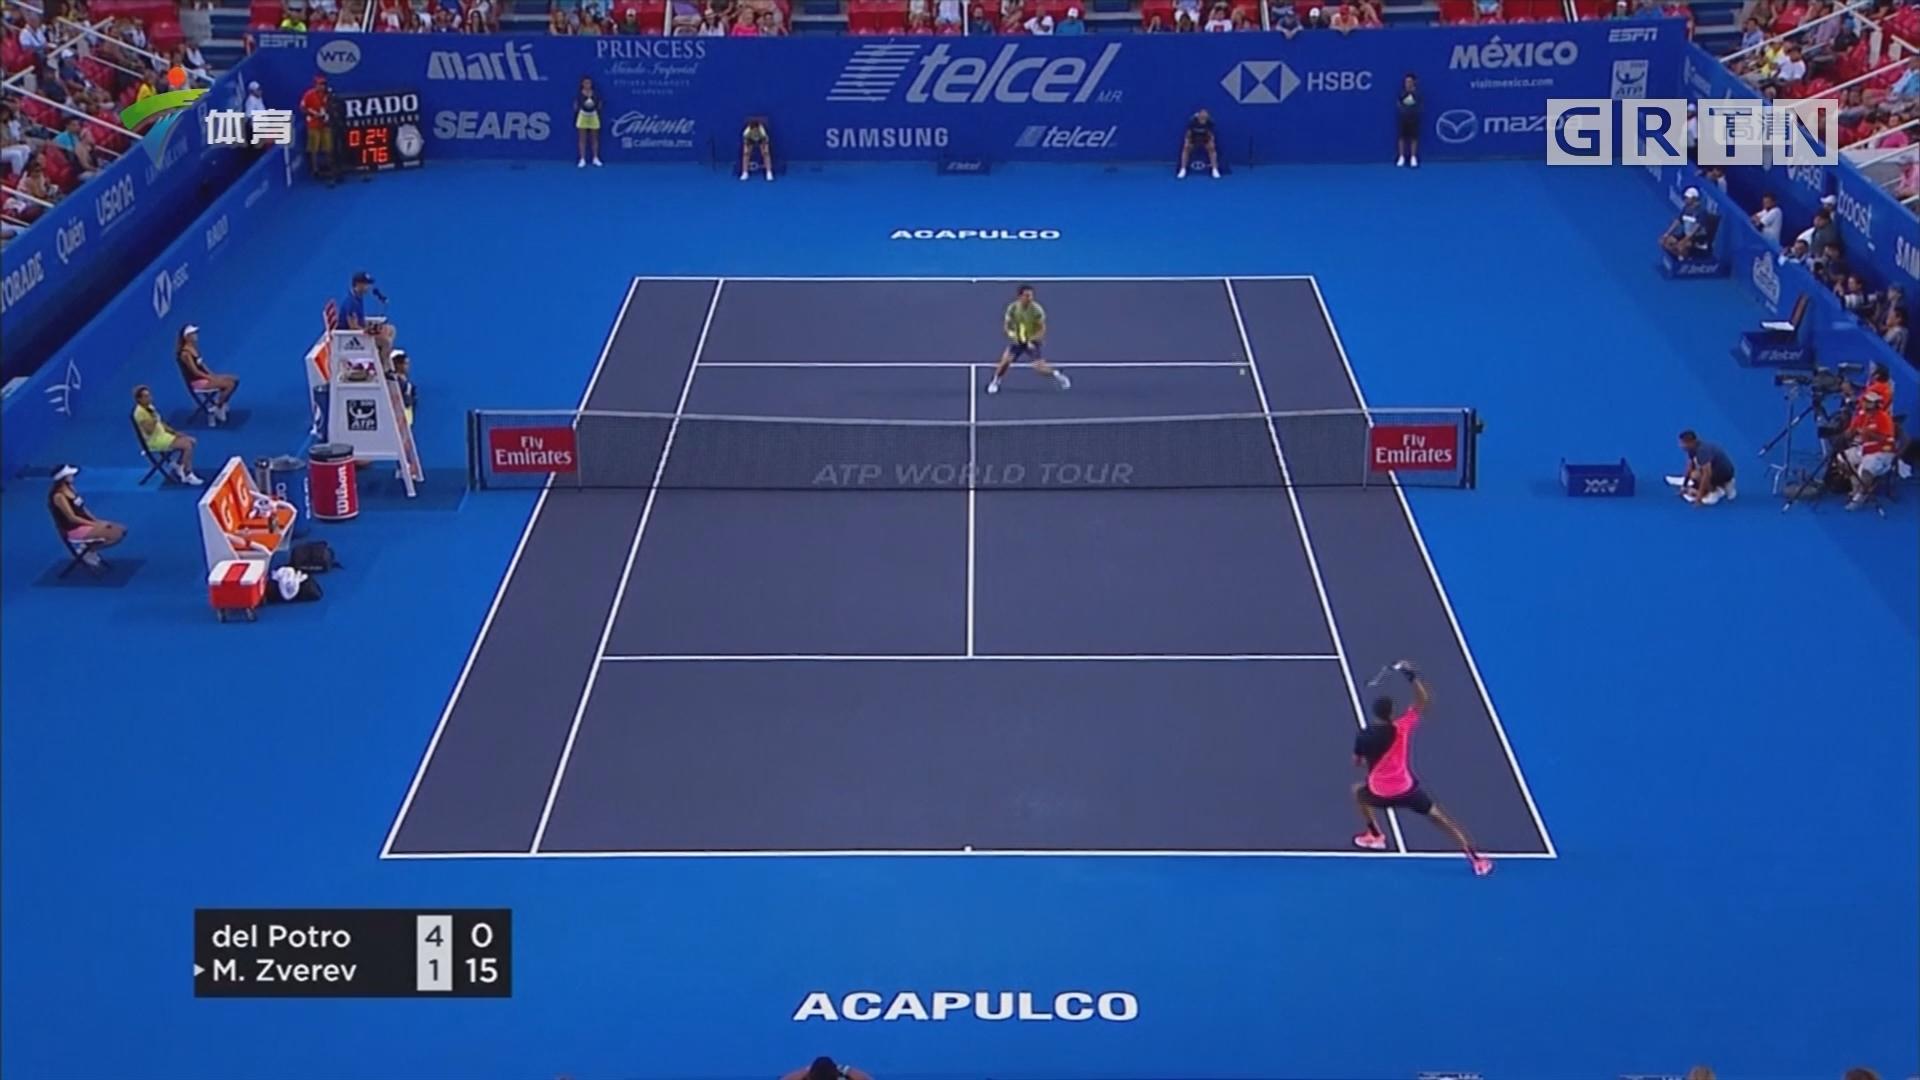 ATP墨西哥赛 德尔波特罗顺利晋级次轮